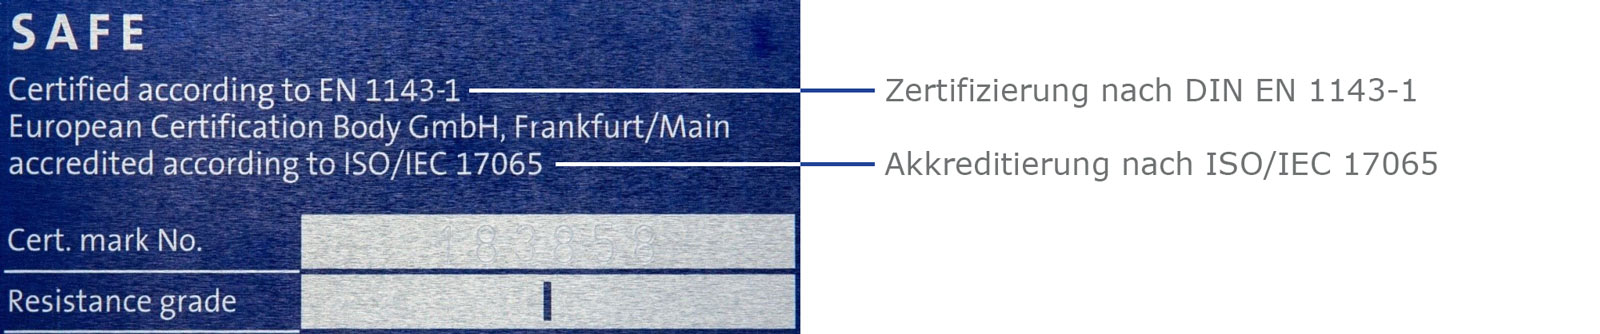 ECB-S Plakette - Akkreditierung nach ISO/IEC 17065 und Zertifizierung nach DIN EN 1143-1